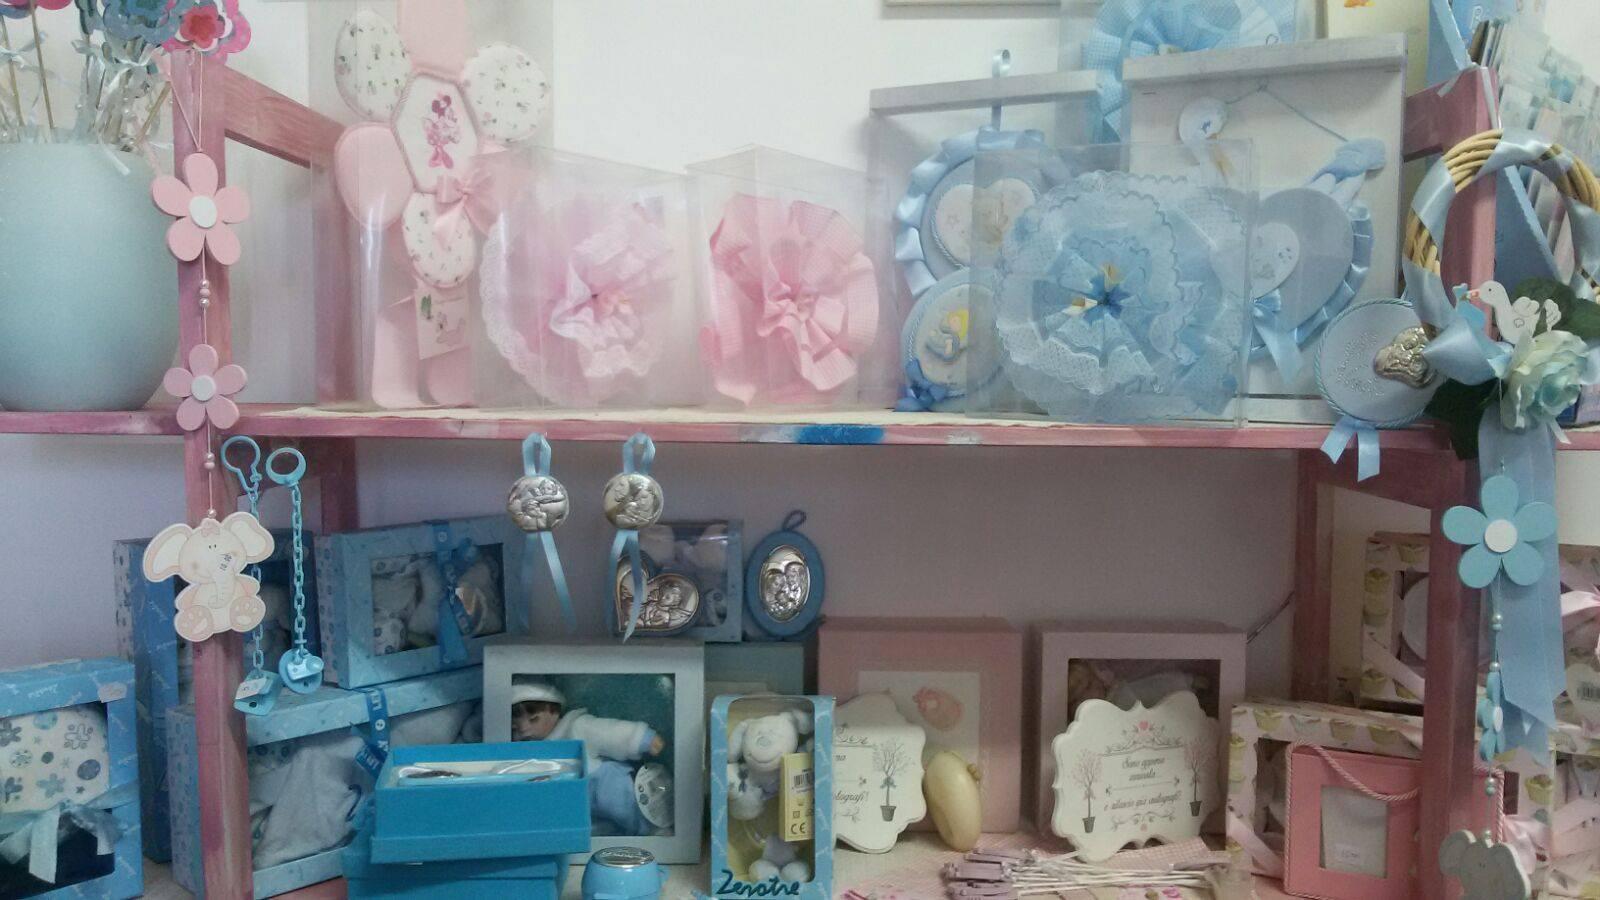 Delle bomboniere con fiocchi di color rosa e azzurro